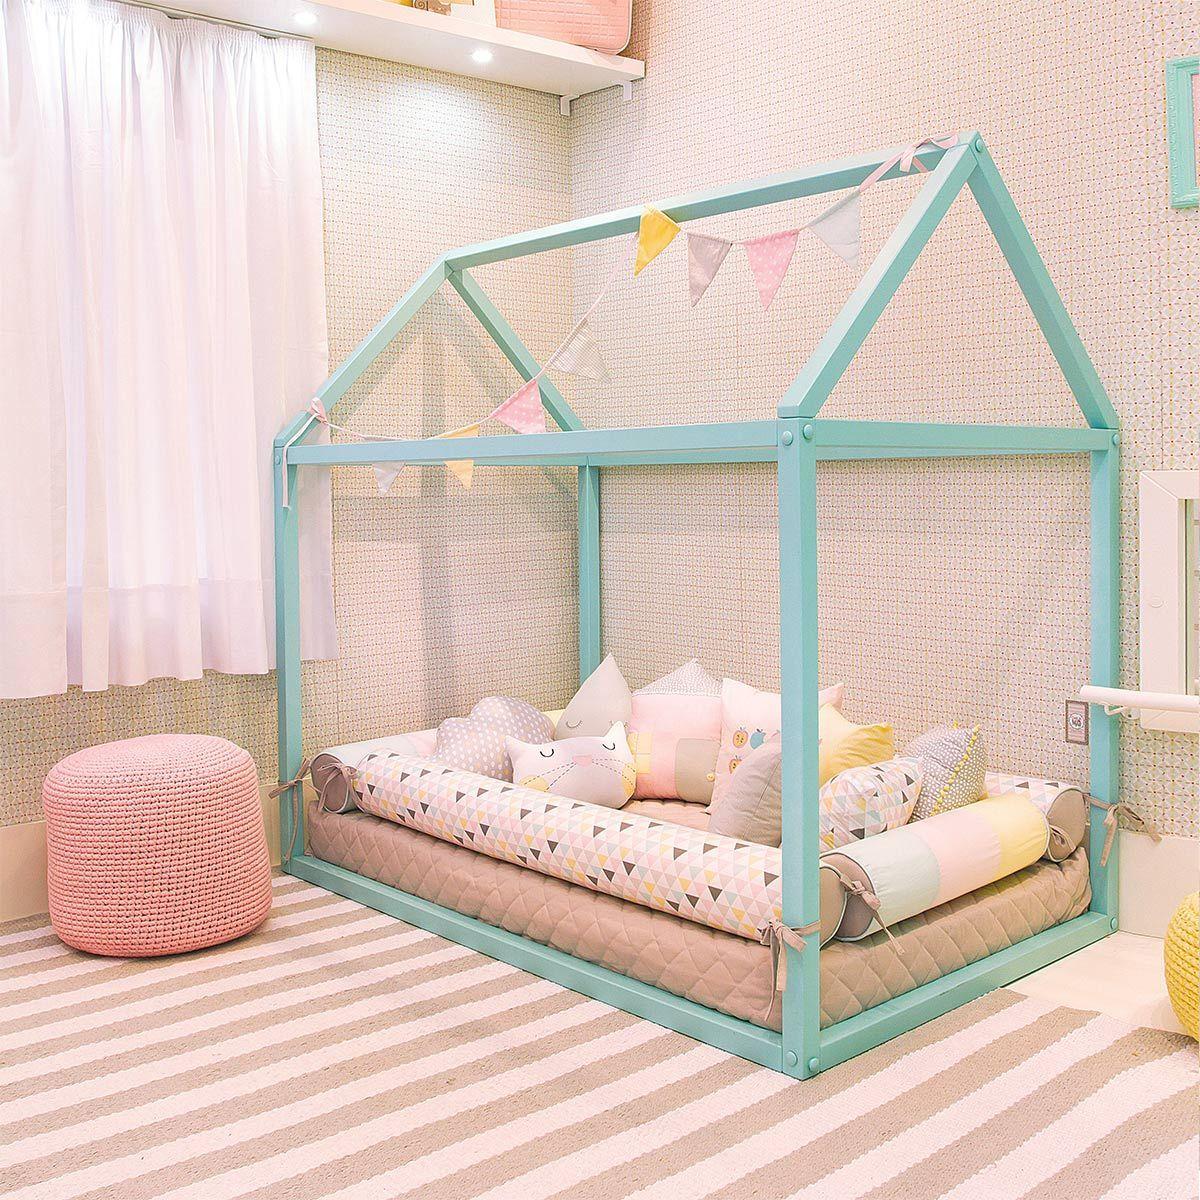 Cama Casinha Montessori Azul 03 Quartos De Beb Menina  ~ Quarto Montessoriano Espelho E Quarto Feminino Vermelho